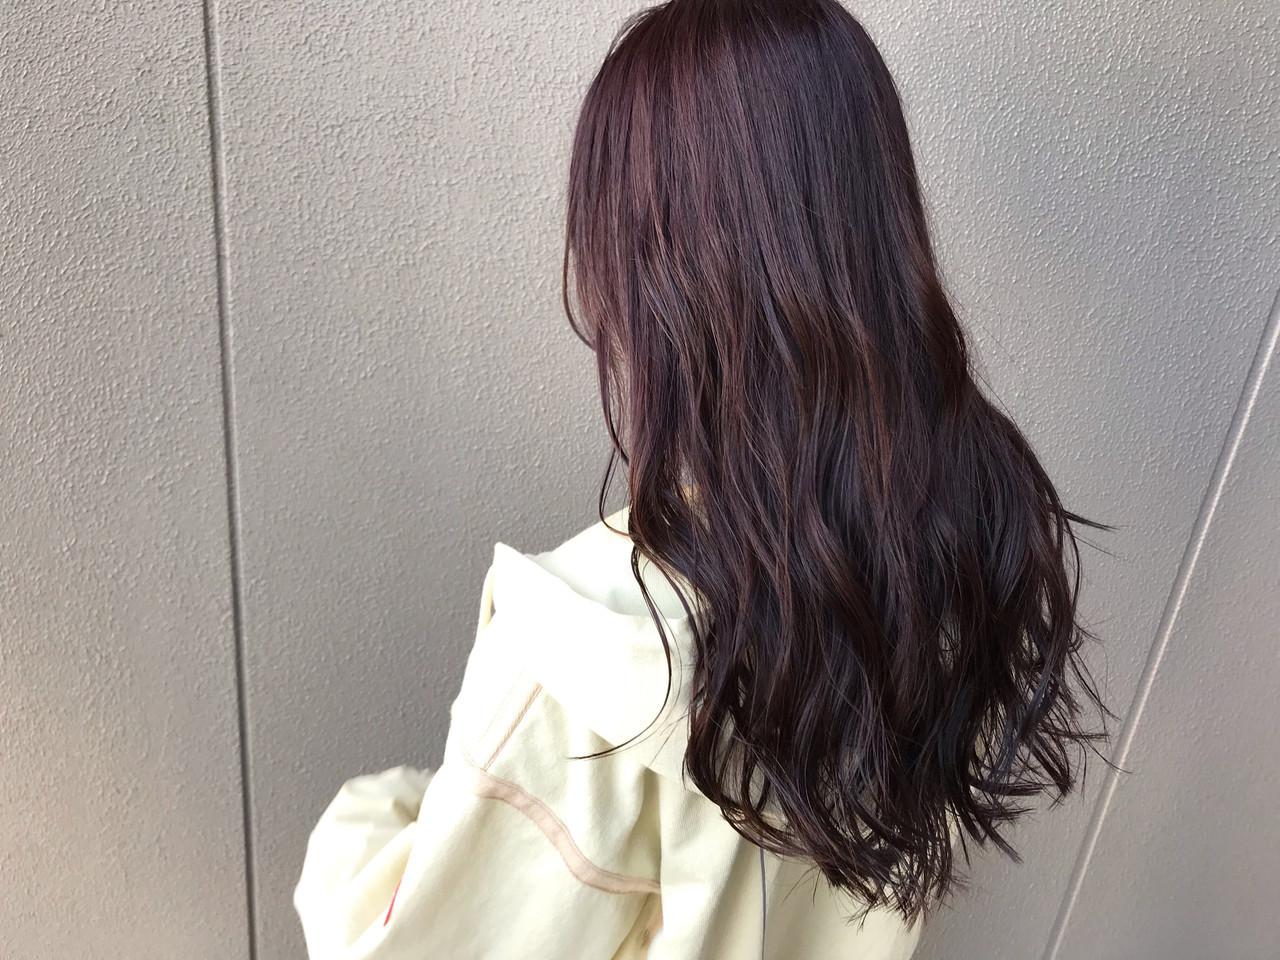 ラベンダーピンク バイオレットカラー ピンクバイオレット ナチュラル ヘアスタイルや髪型の写真・画像